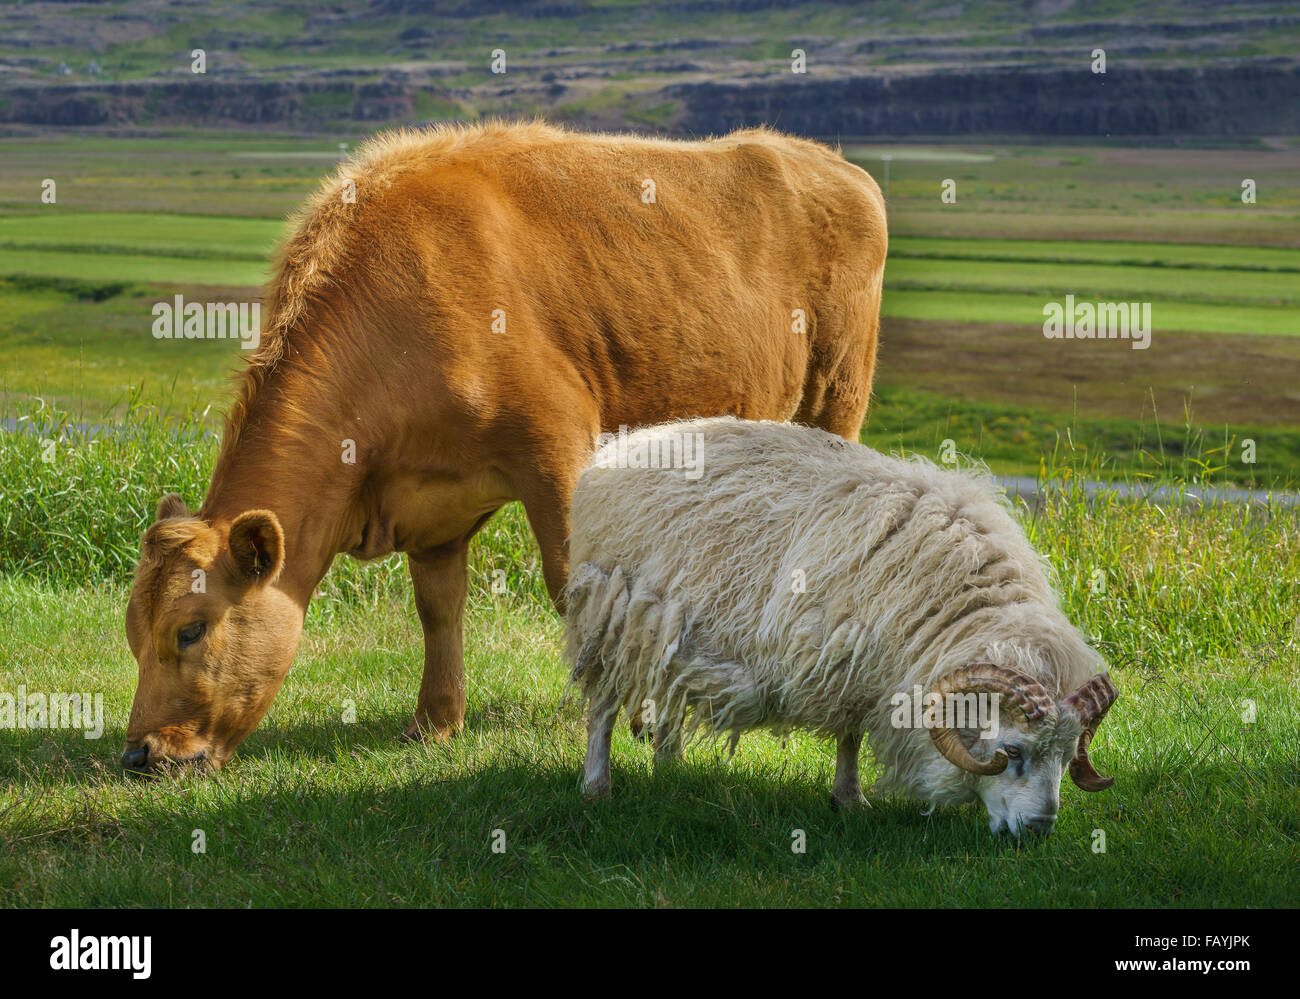 Jeune vache et moutons sont libres de se déplacer et se nourrissent d'herbe, hraunsnef ferme, nordurardalur Photo Stock